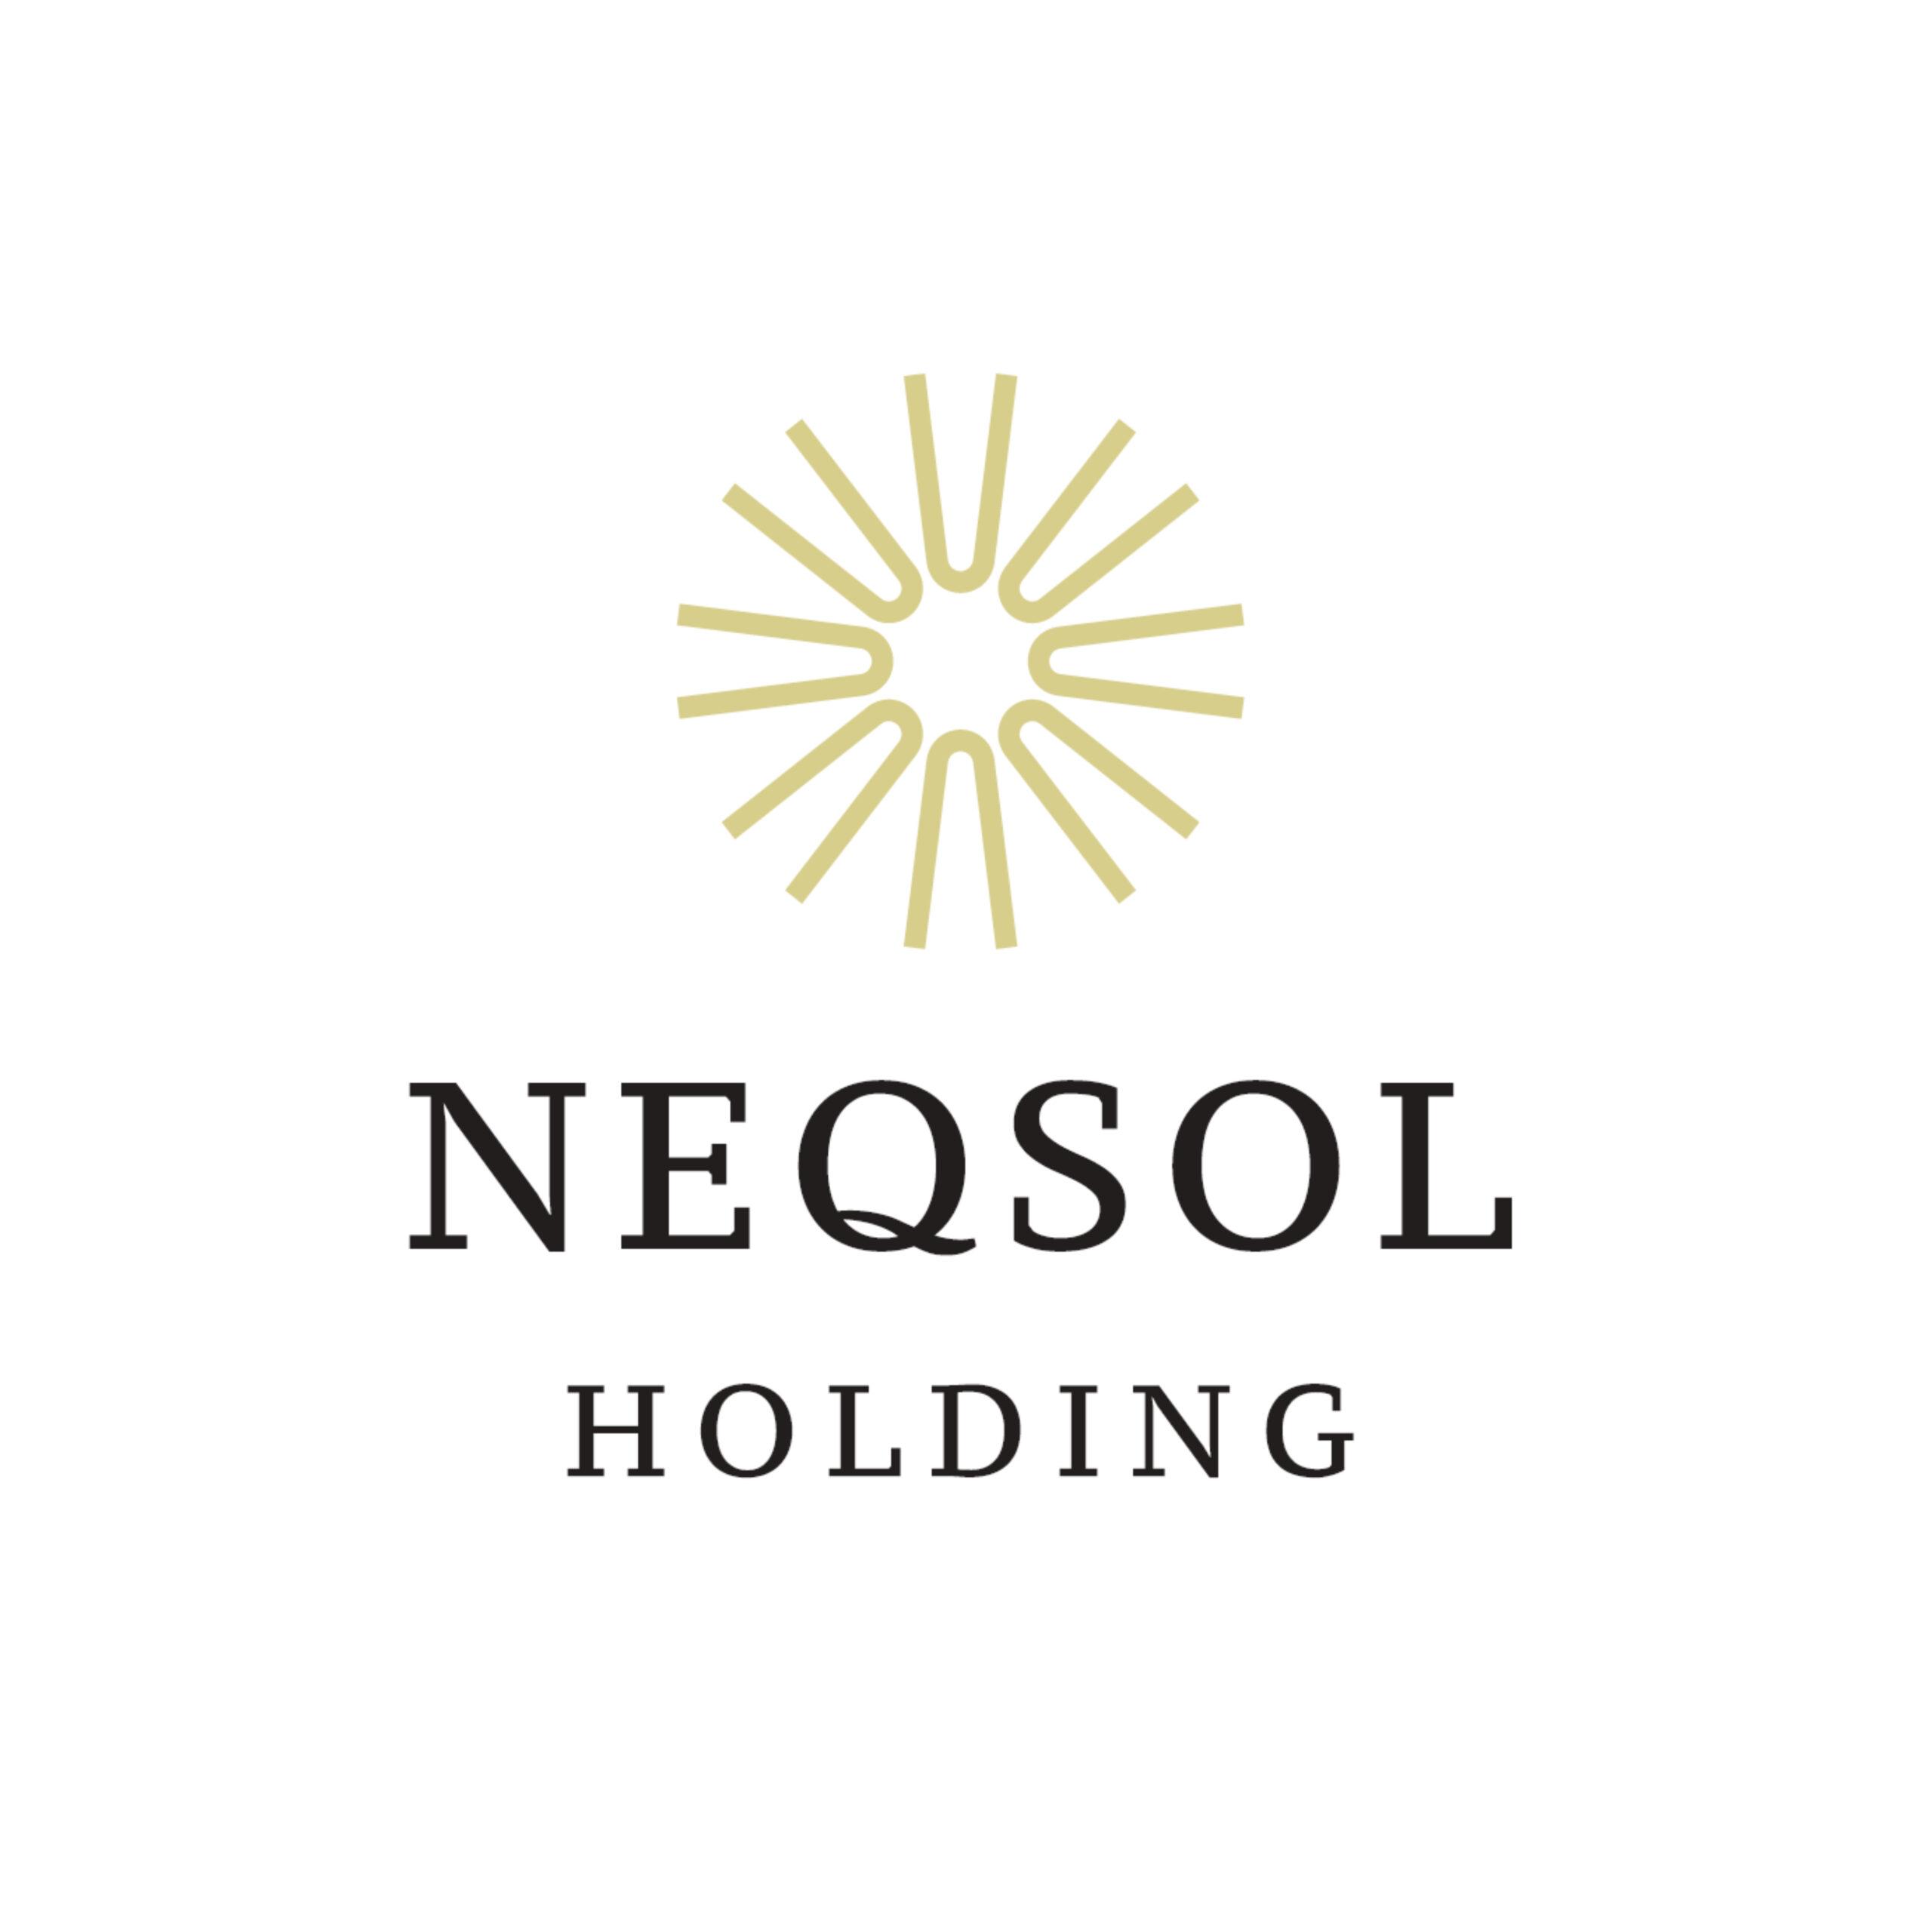 NEQSOL Holding прокомментировал информацию о намерении стать акционером крупнейшего украинского производителя цемента ЧАО «Ивано-Франковскцемент»